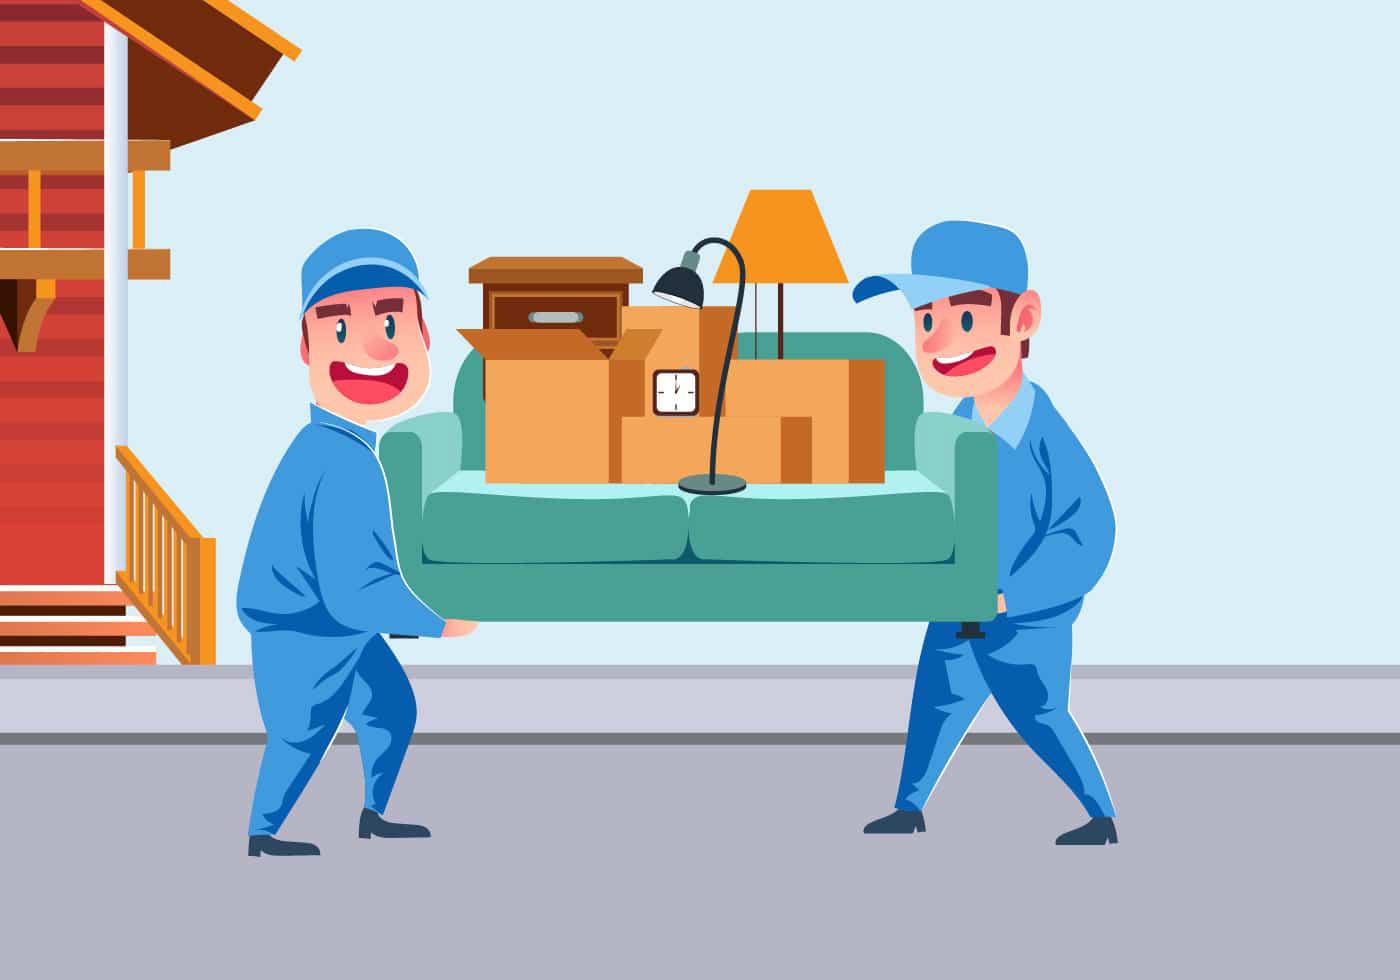 بسته بندی اثاثیه باربری و اتوبار ظرافت بار